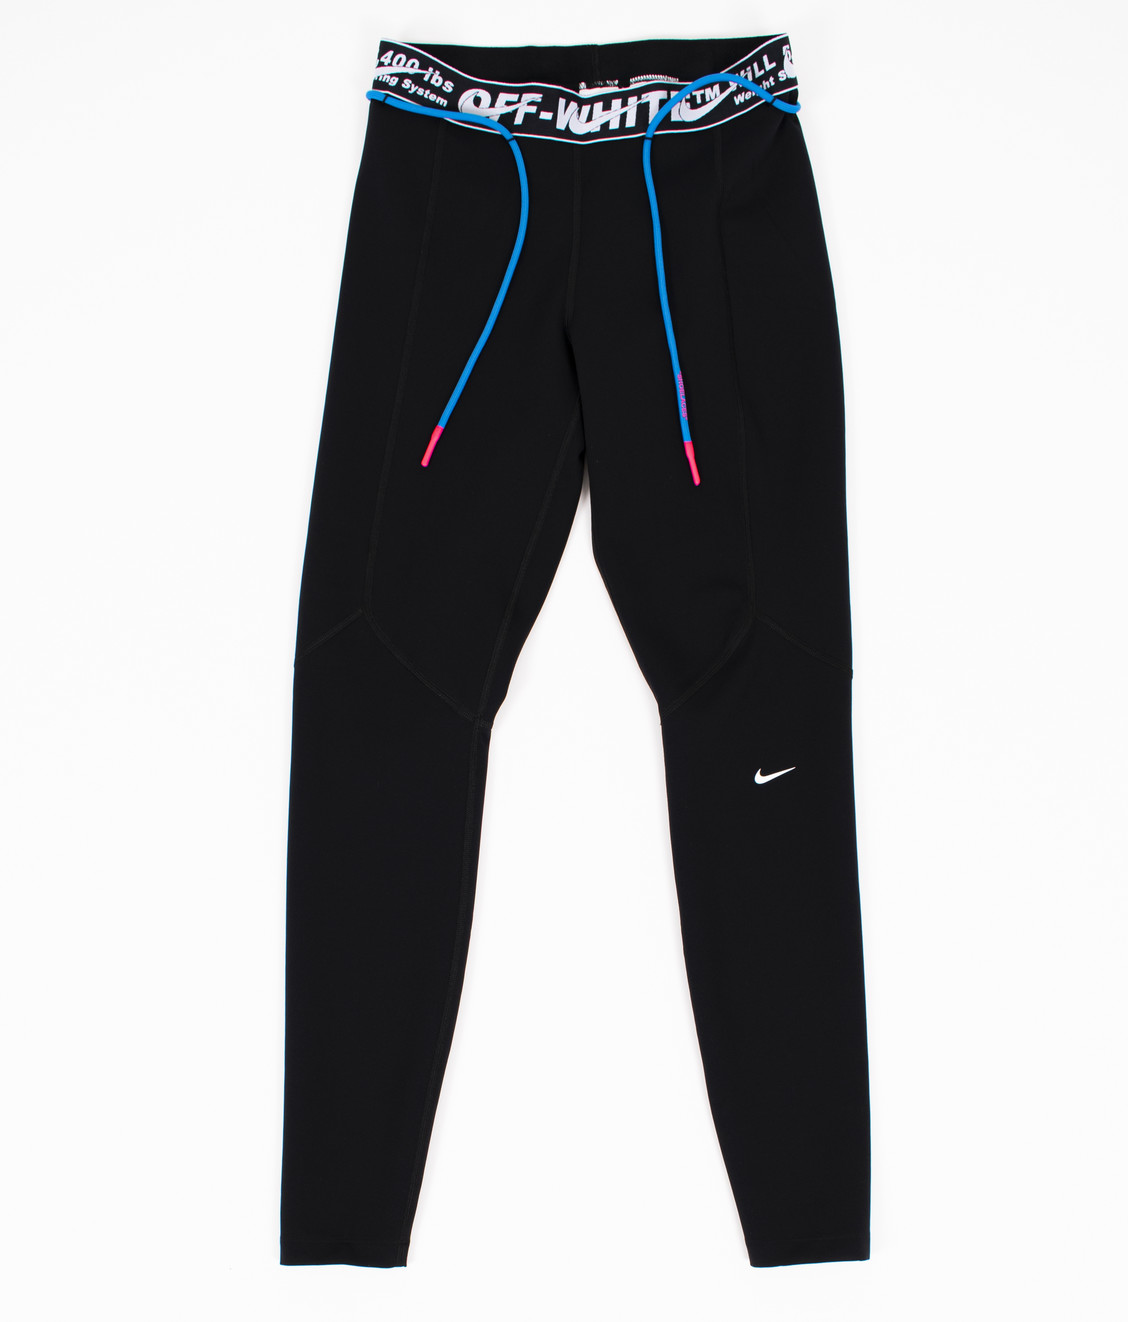 Nike Nike x Off White Tights NRG Black